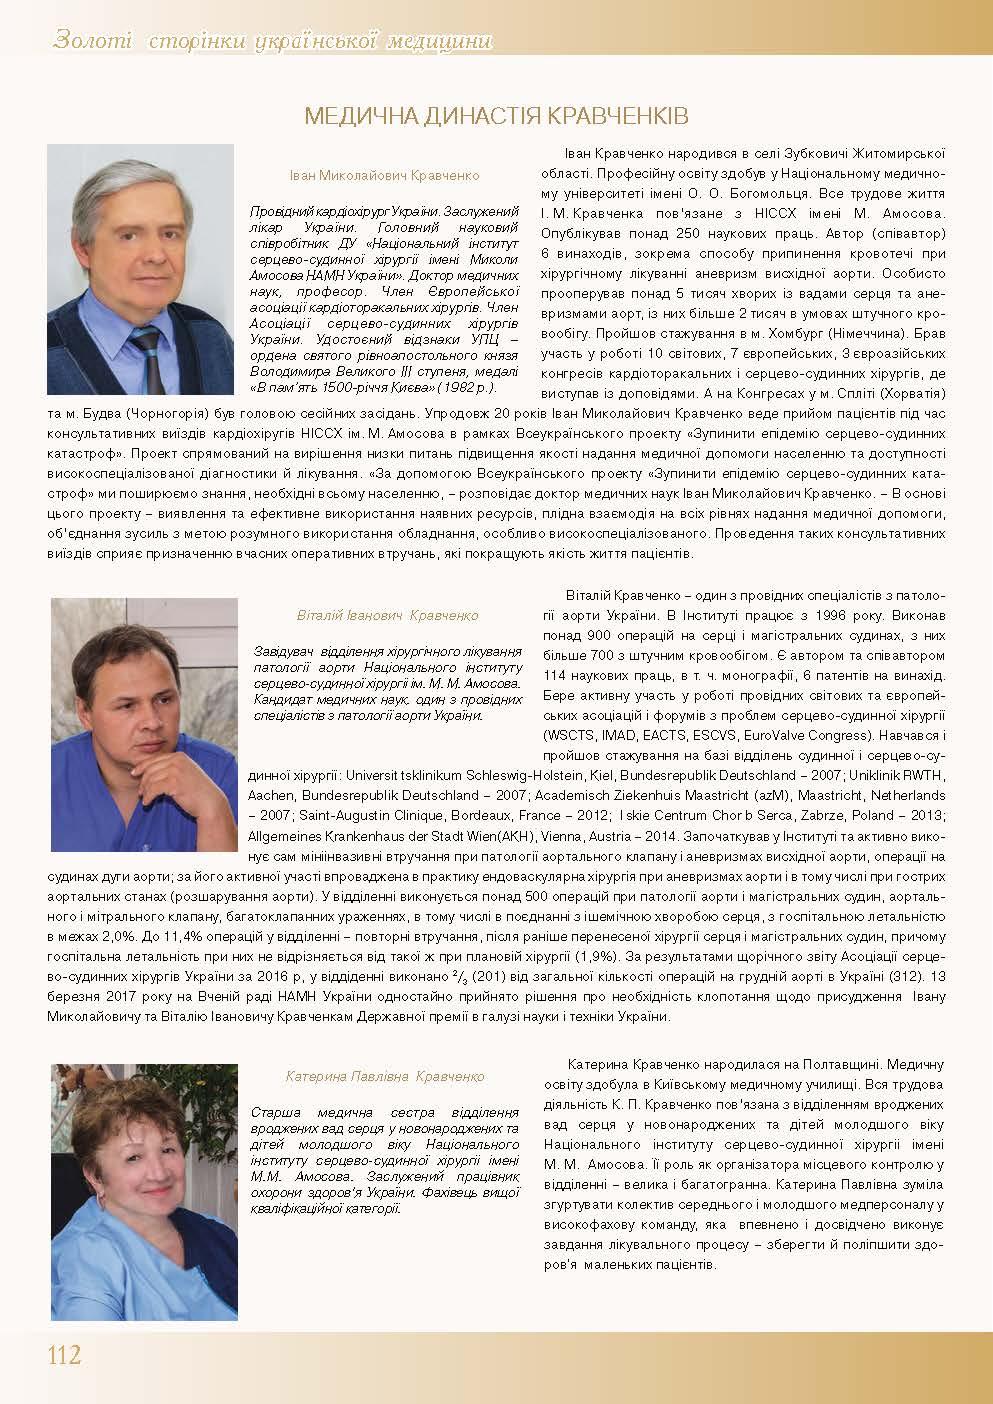 Медична династія Кравченків